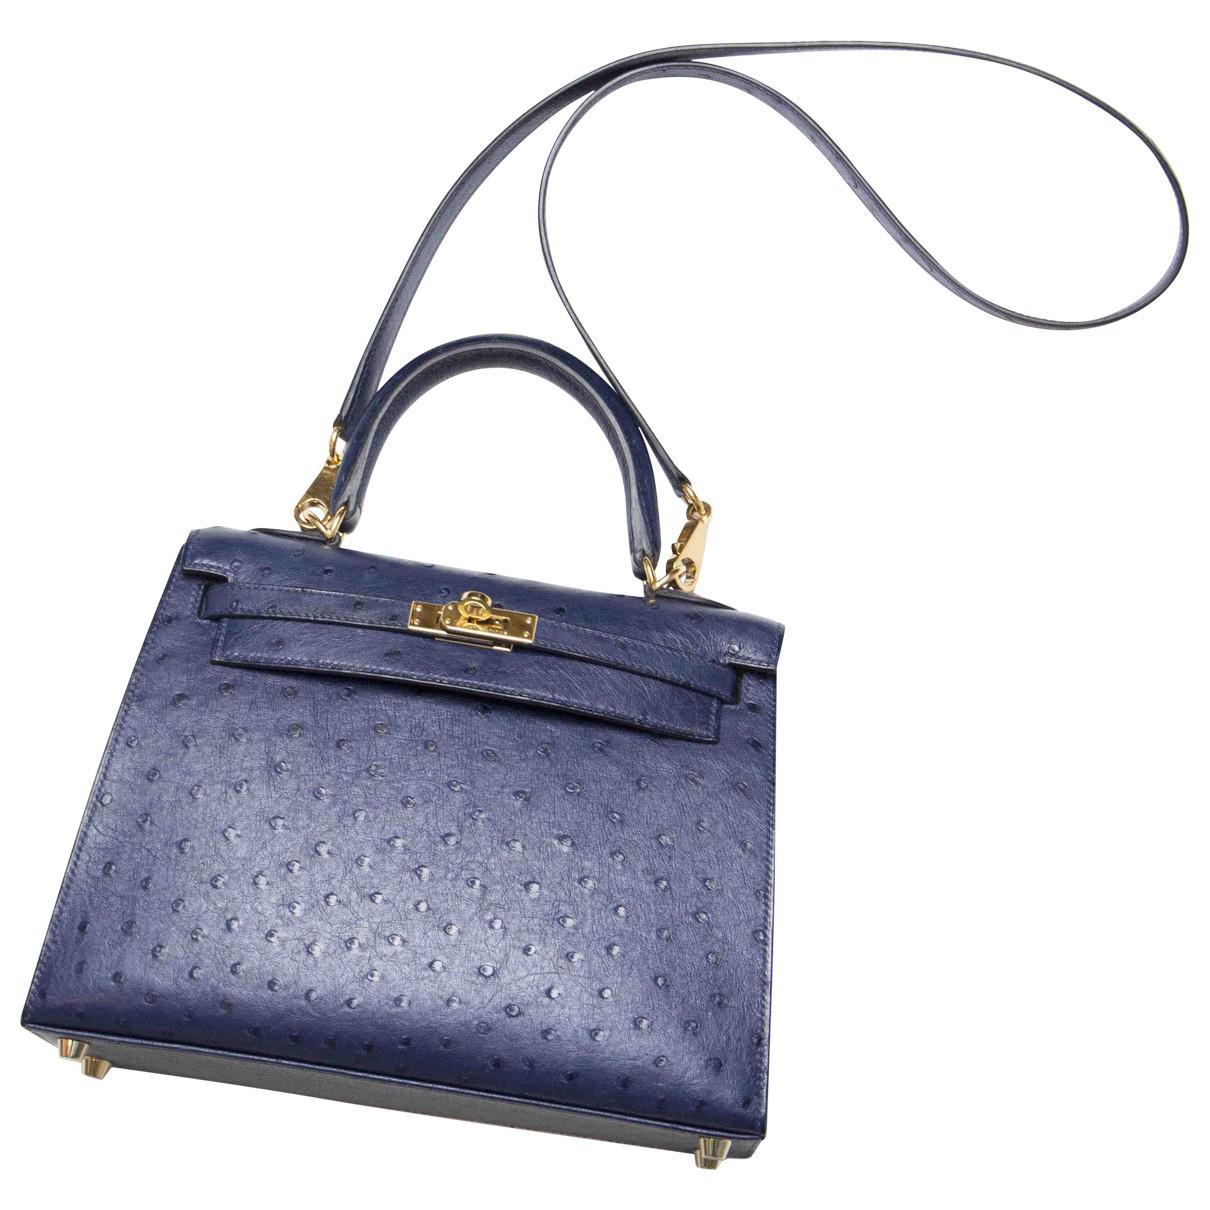 7a081adde55 ... italy hermès pre owned kelly 25 ostrich handbag in blue lyst 22d1f 18b89